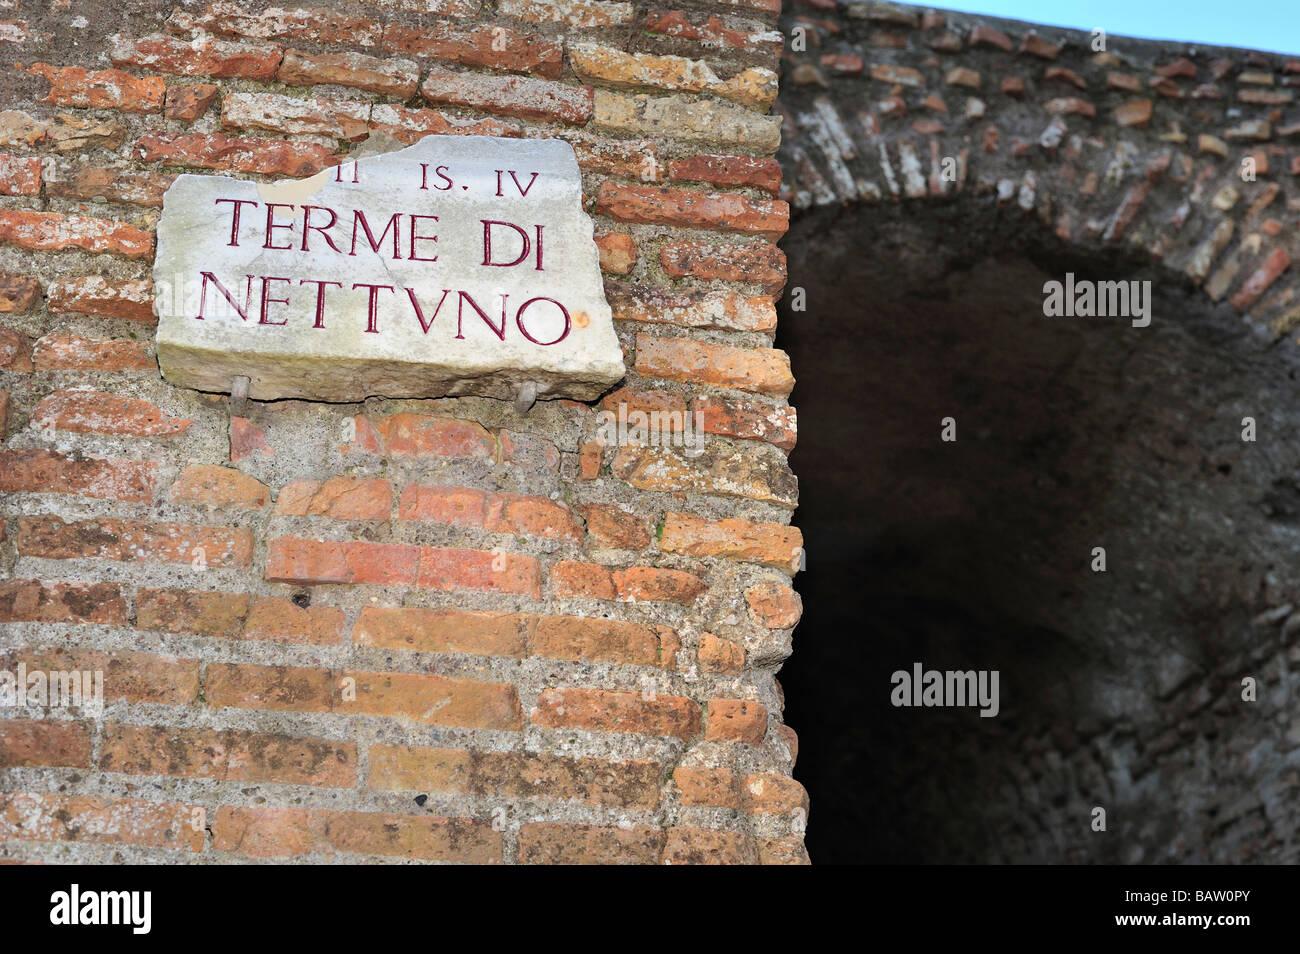 Terme di Nettuno, Ostia Antica, Province of Rome, Lazio, Italy - Stock Image